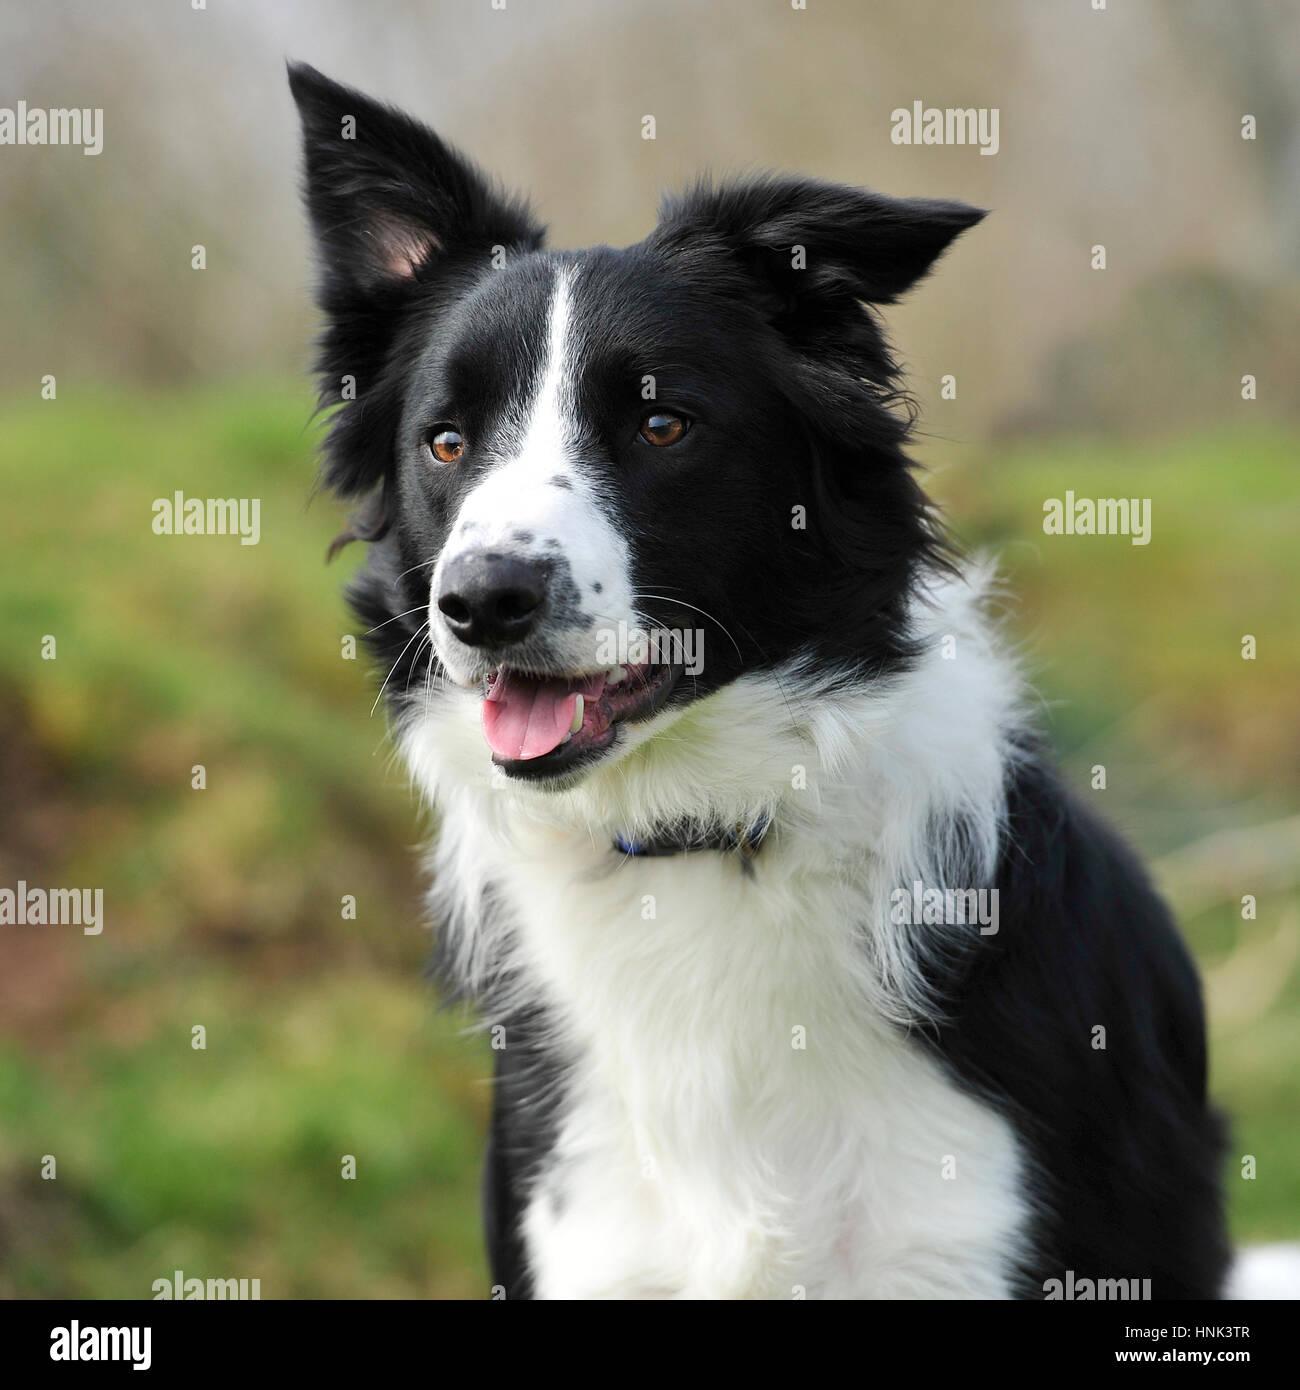 Schwarz Weiß Hund Stockfotos Schwarz Weiß Hund Bilder Alamy